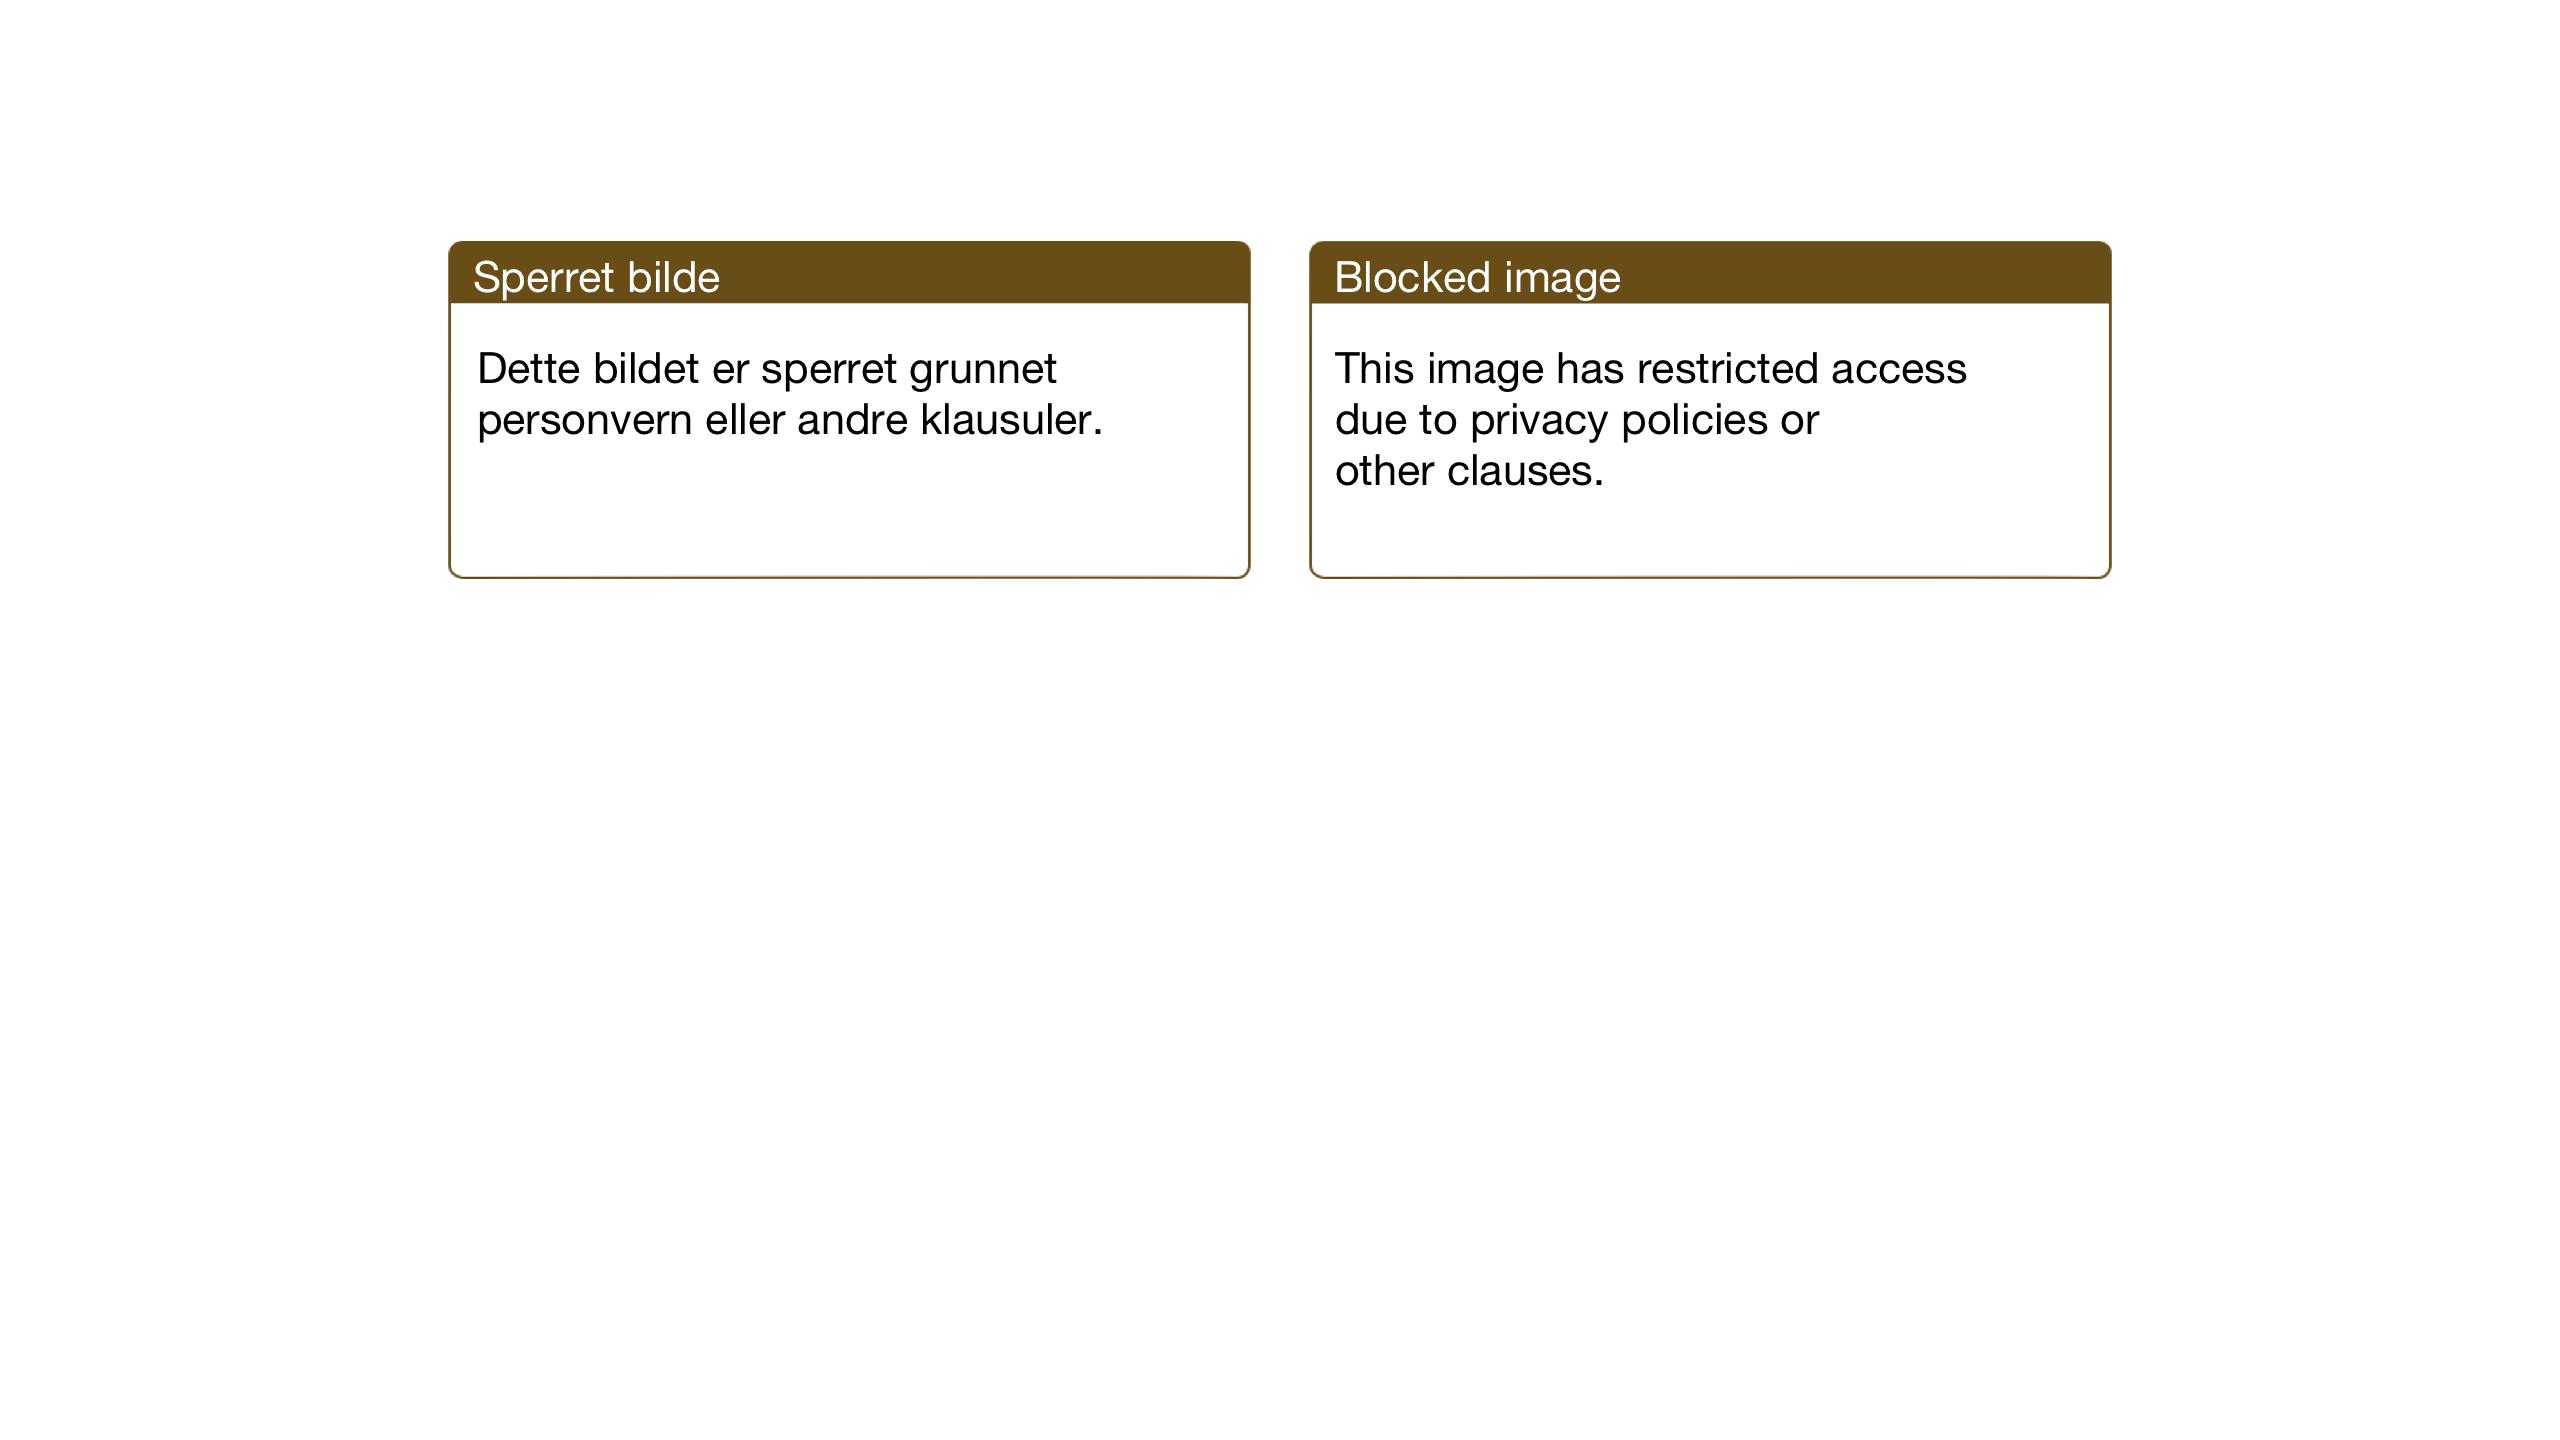 SAT, Ministerialprotokoller, klokkerbøker og fødselsregistre - Nord-Trøndelag, 746/L0456: Klokkerbok nr. 746C02, 1936-1948, s. 10